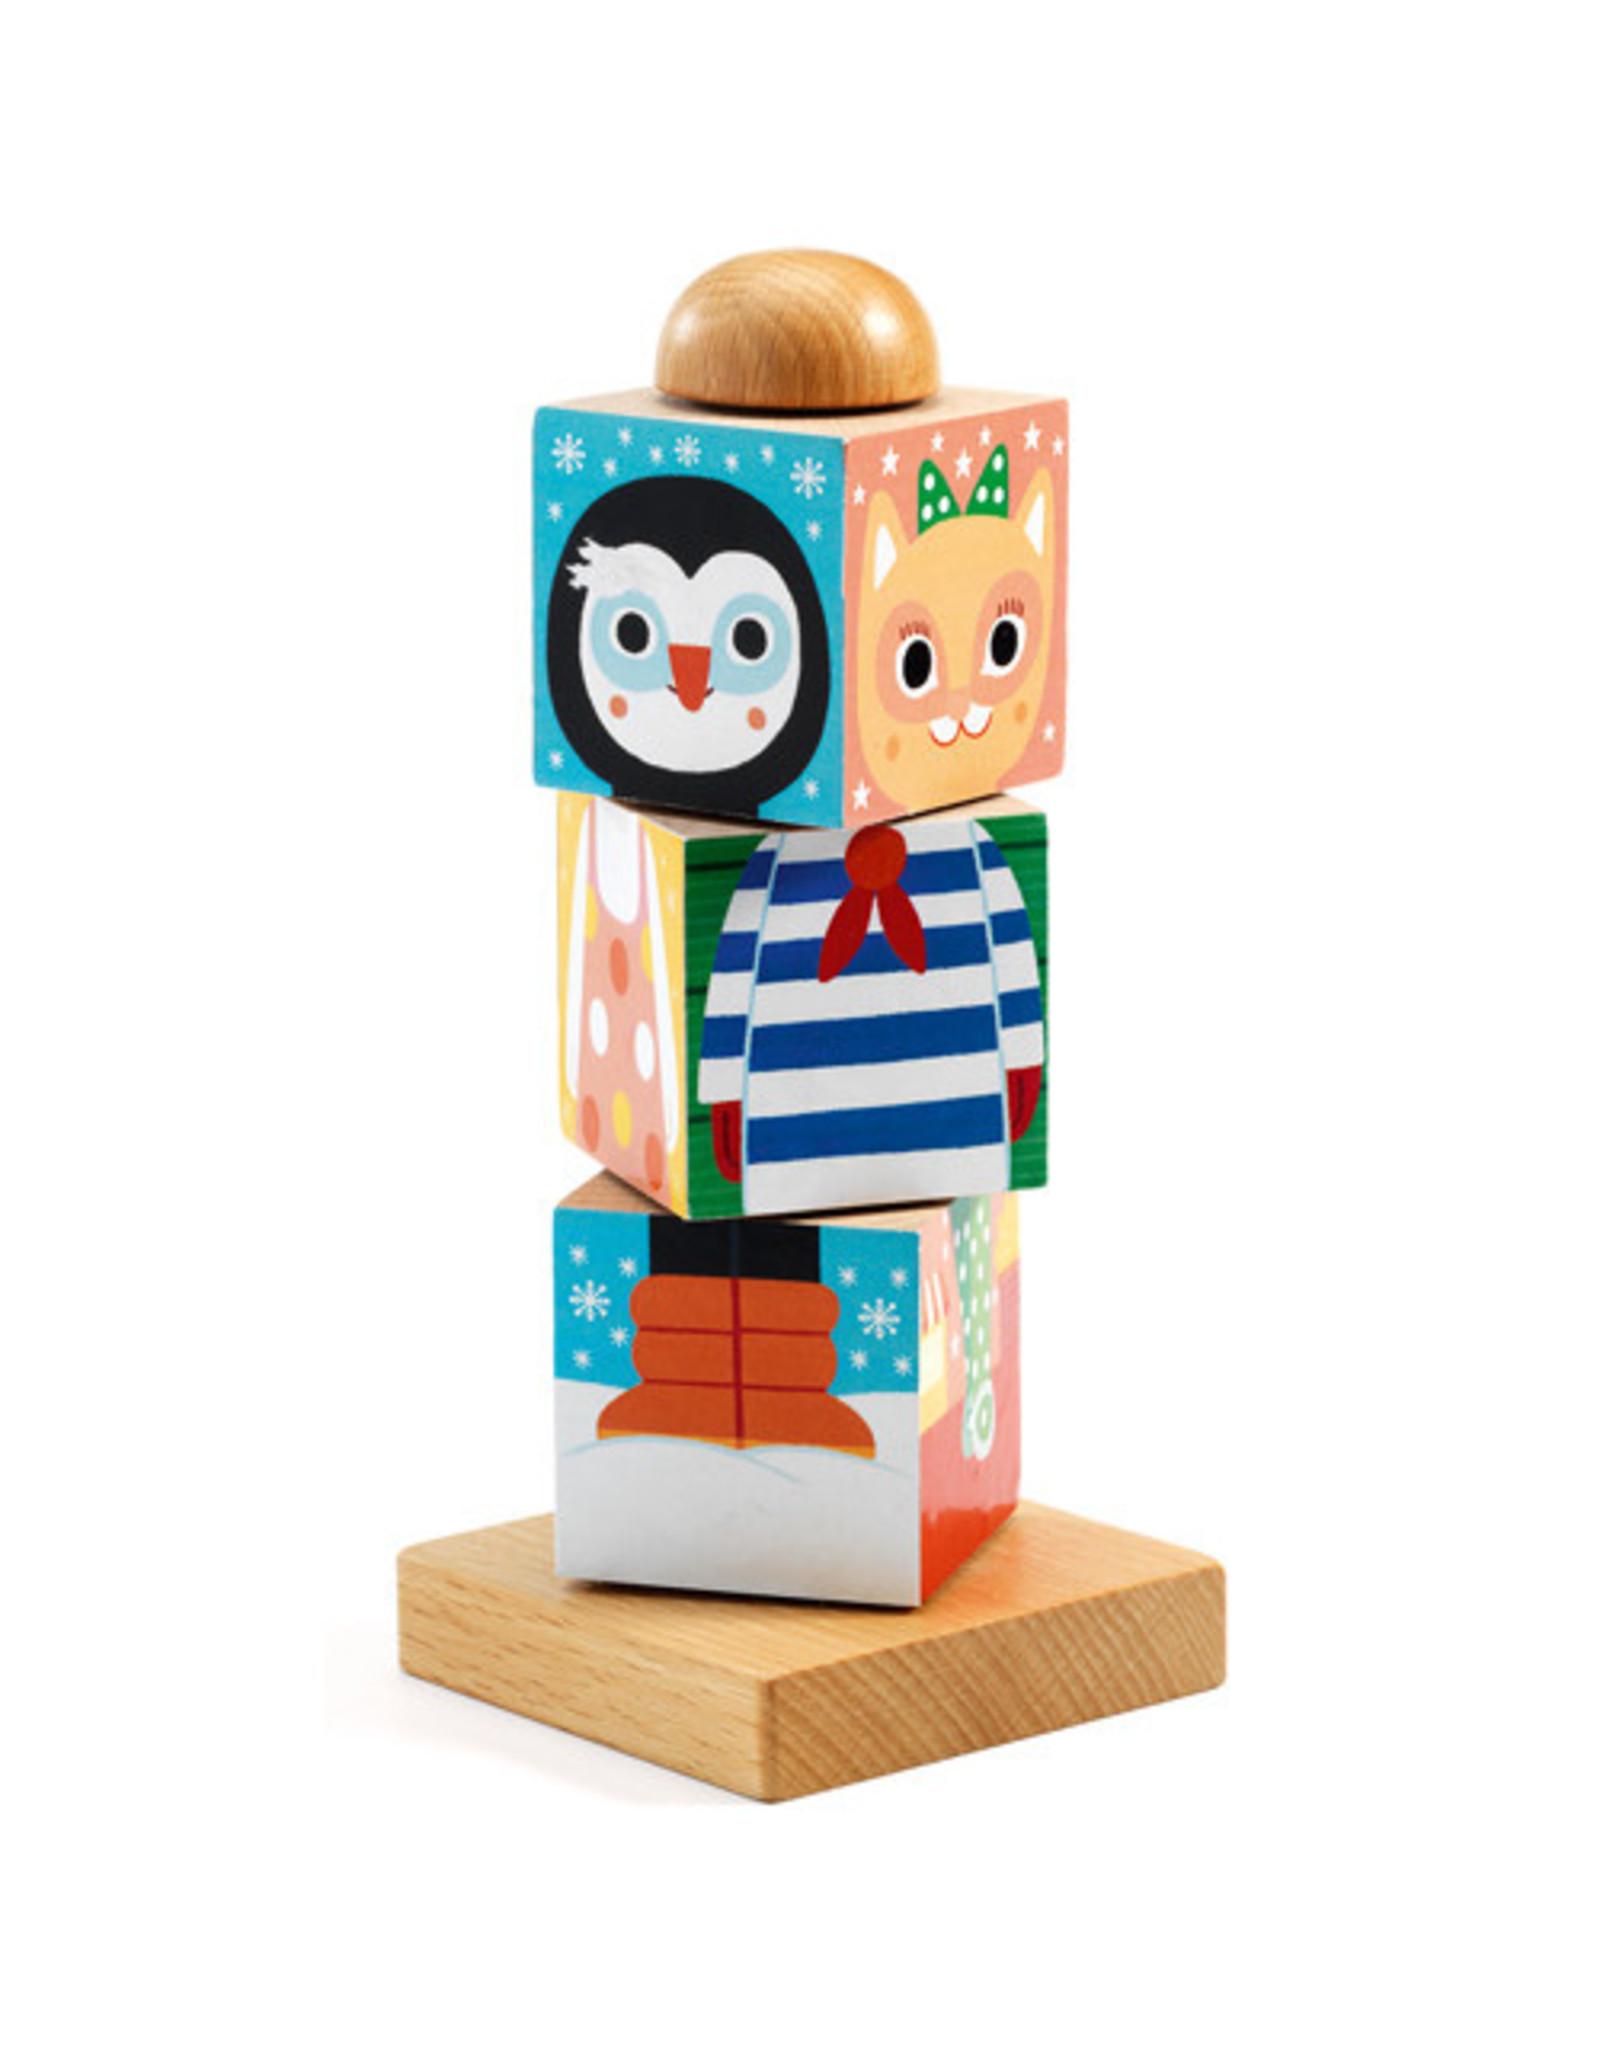 Djeco Twistanimo Wooden Puzzle Blocks